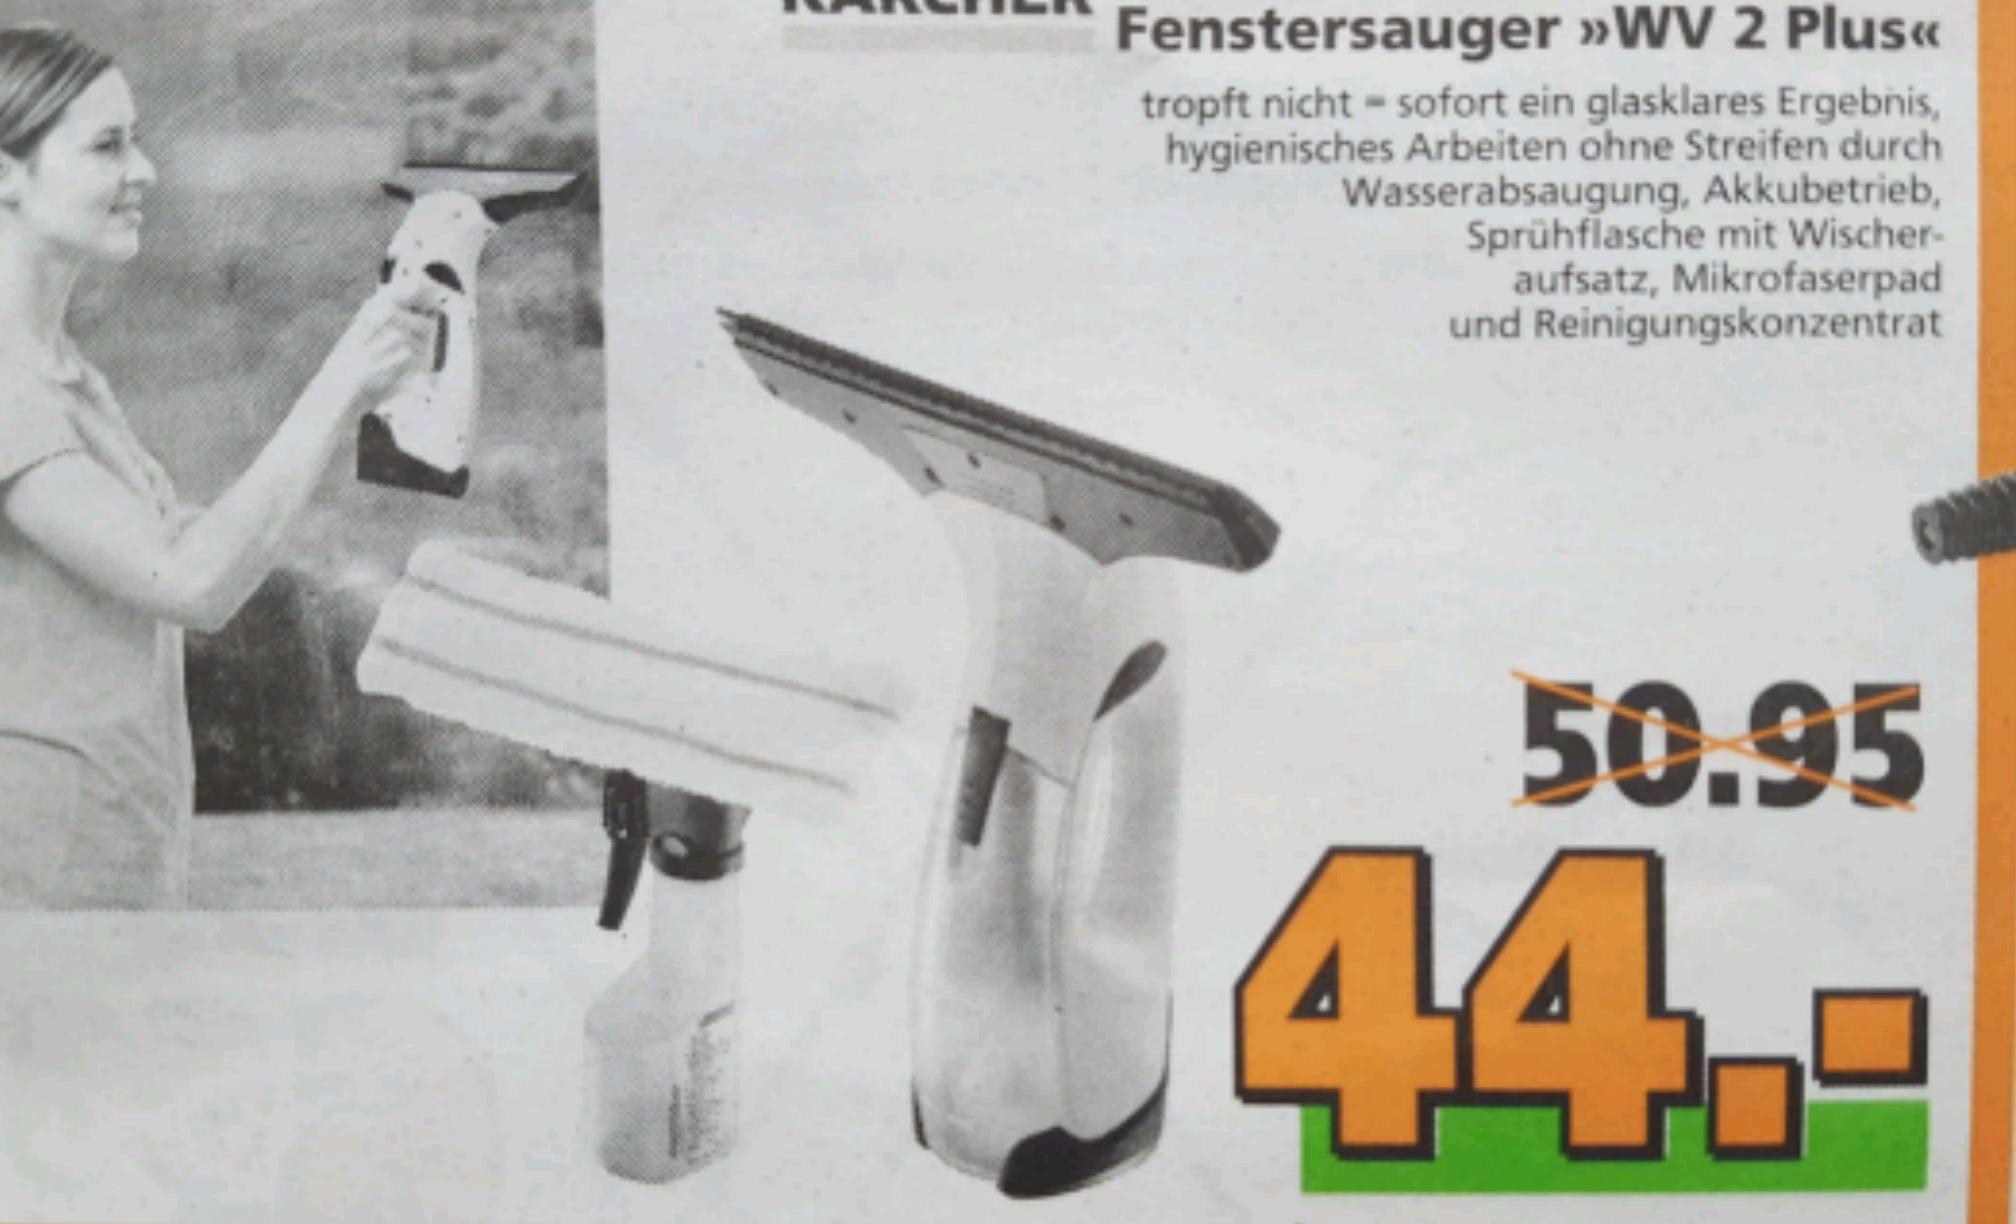 """Kärcher Fenstersauger """"WV 2 Plus"""" für 44€"""